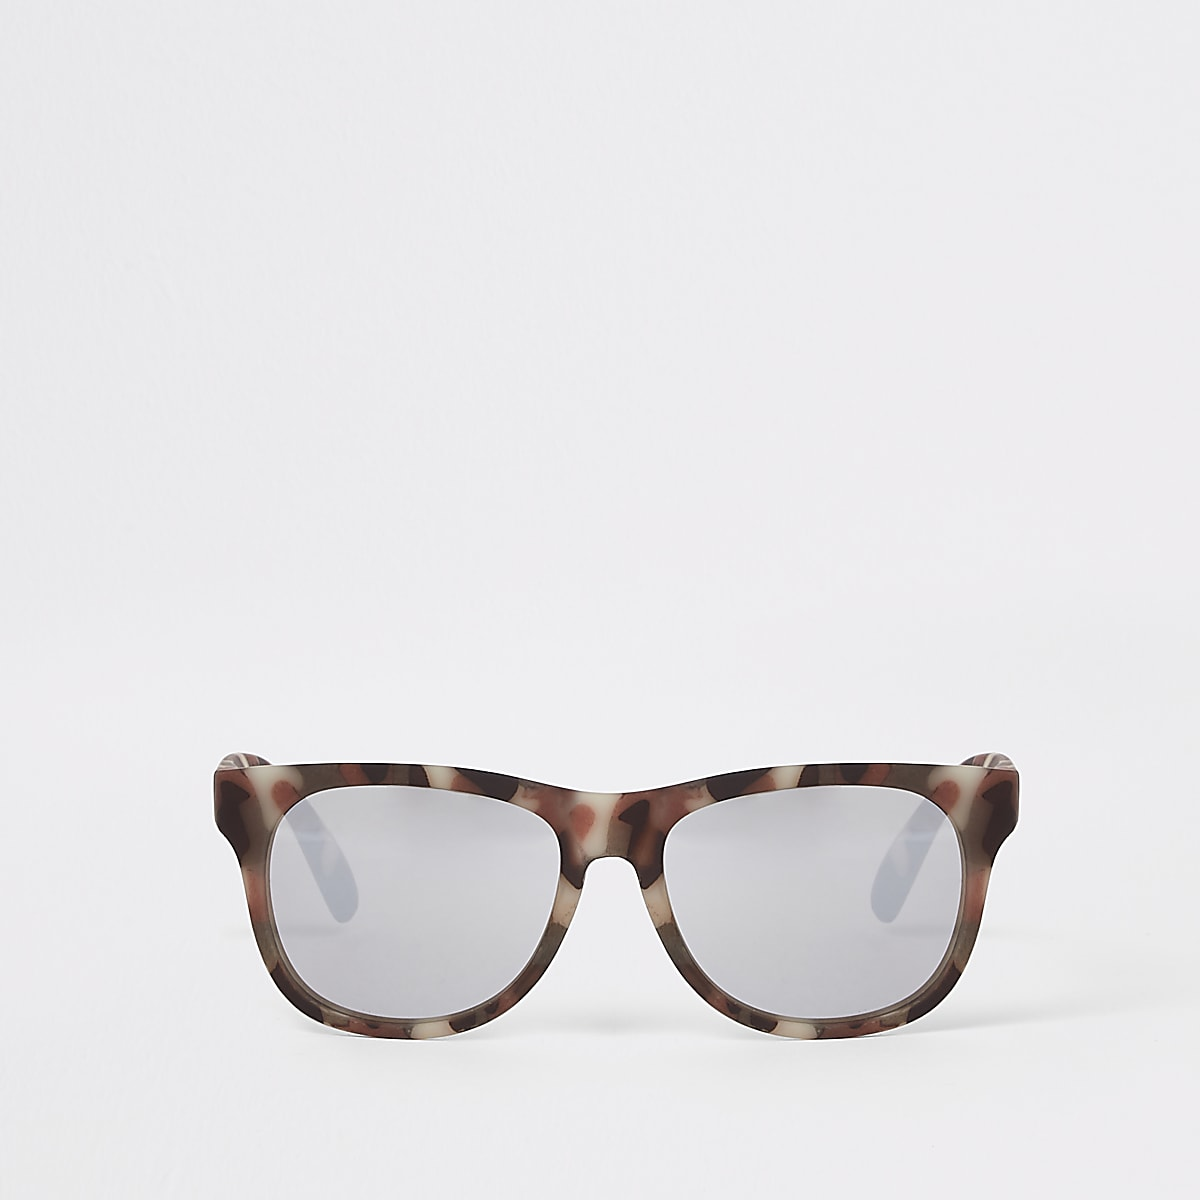 Kaki retro zonnebril met camouflageprint voor jongens